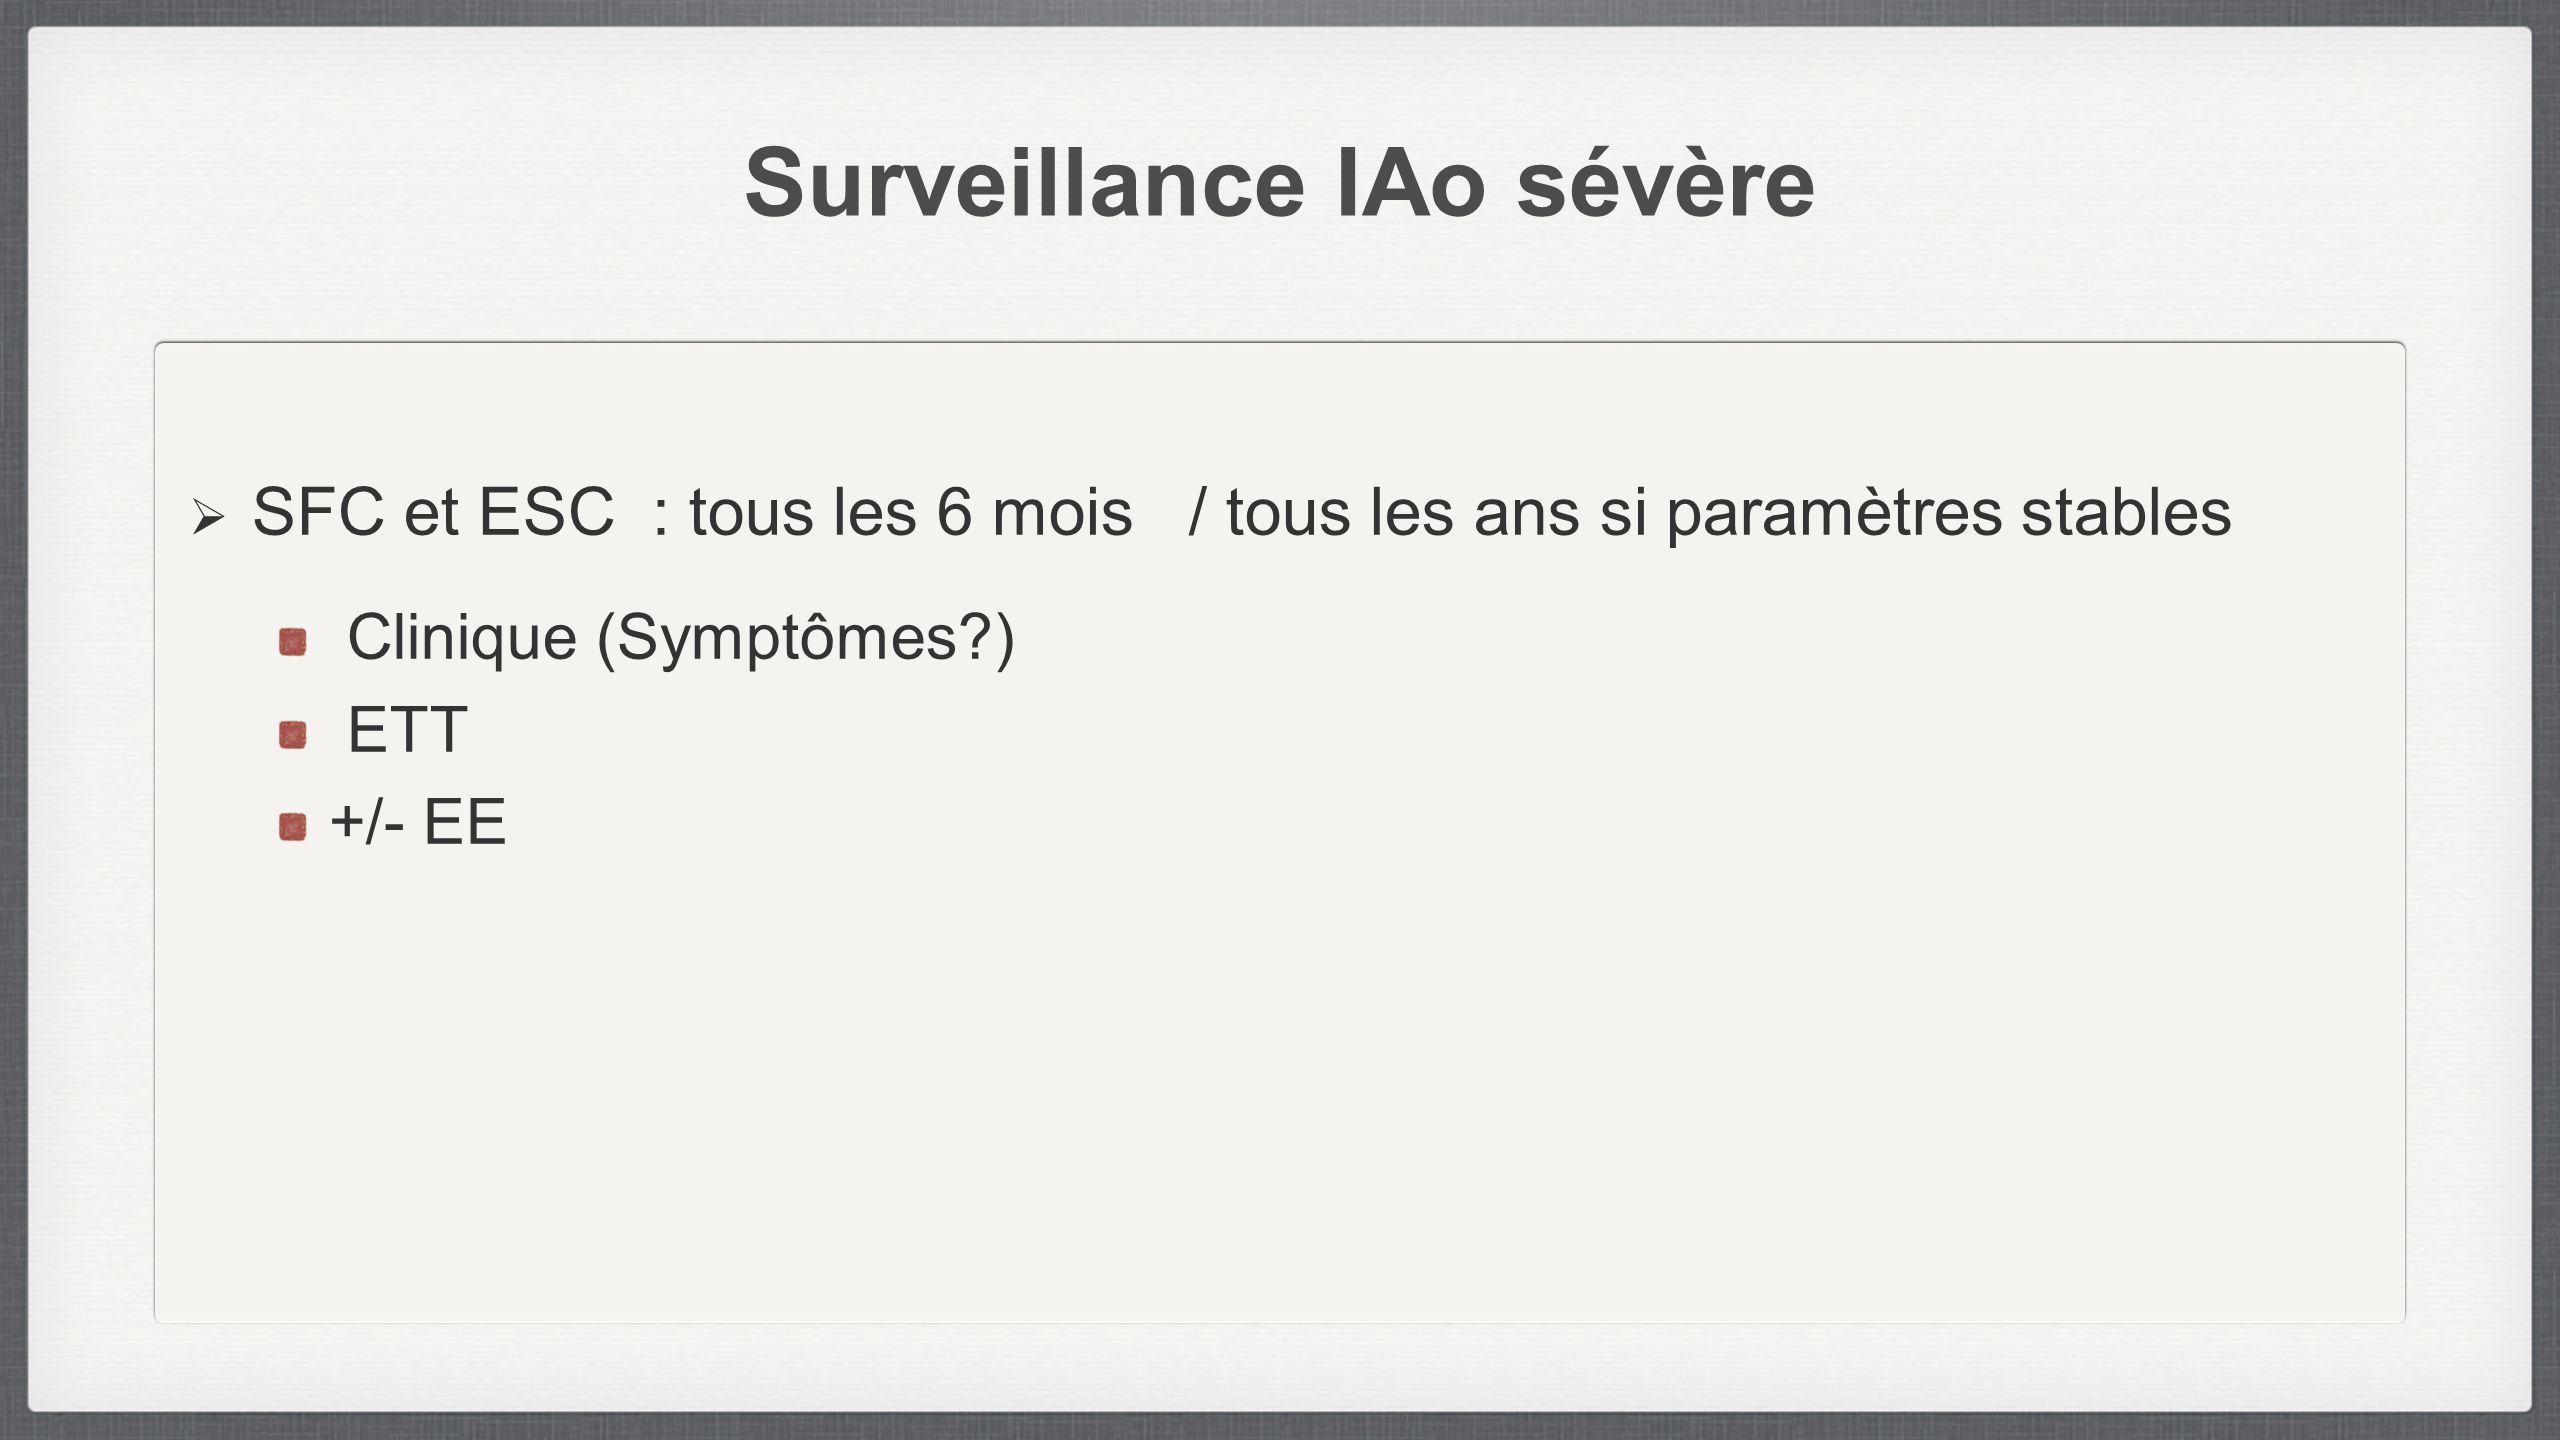 Surveillance IAo sévère SFC et ESC : tous les 6 mois / tous les ans si paramètres stables Clinique (Symptômes?) ETT +/- EE